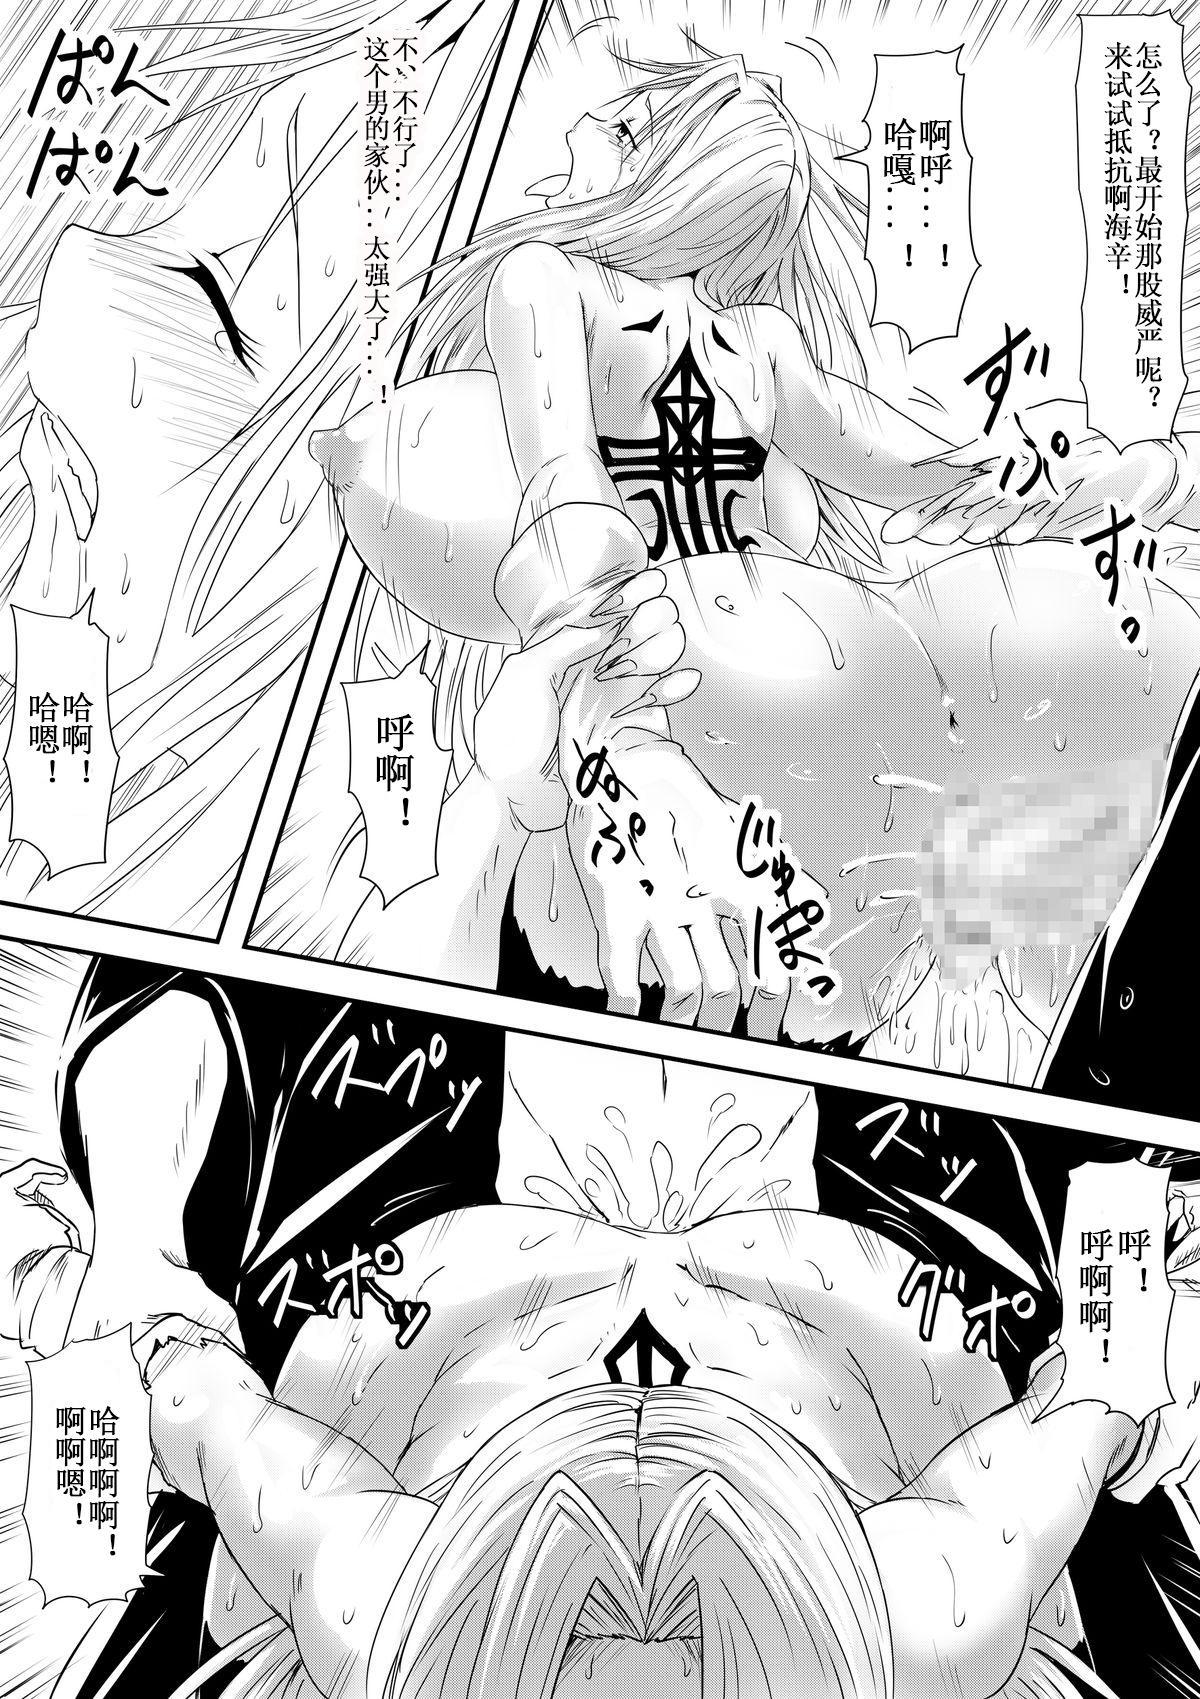 Kyuuketsuki ni Kanzen Haiboku Shita Vanpire Hunter Oyako ga Musuko no Mae de Okasare Kyuuketsuki-ka Shite Shimau Haha no Hanashi 26